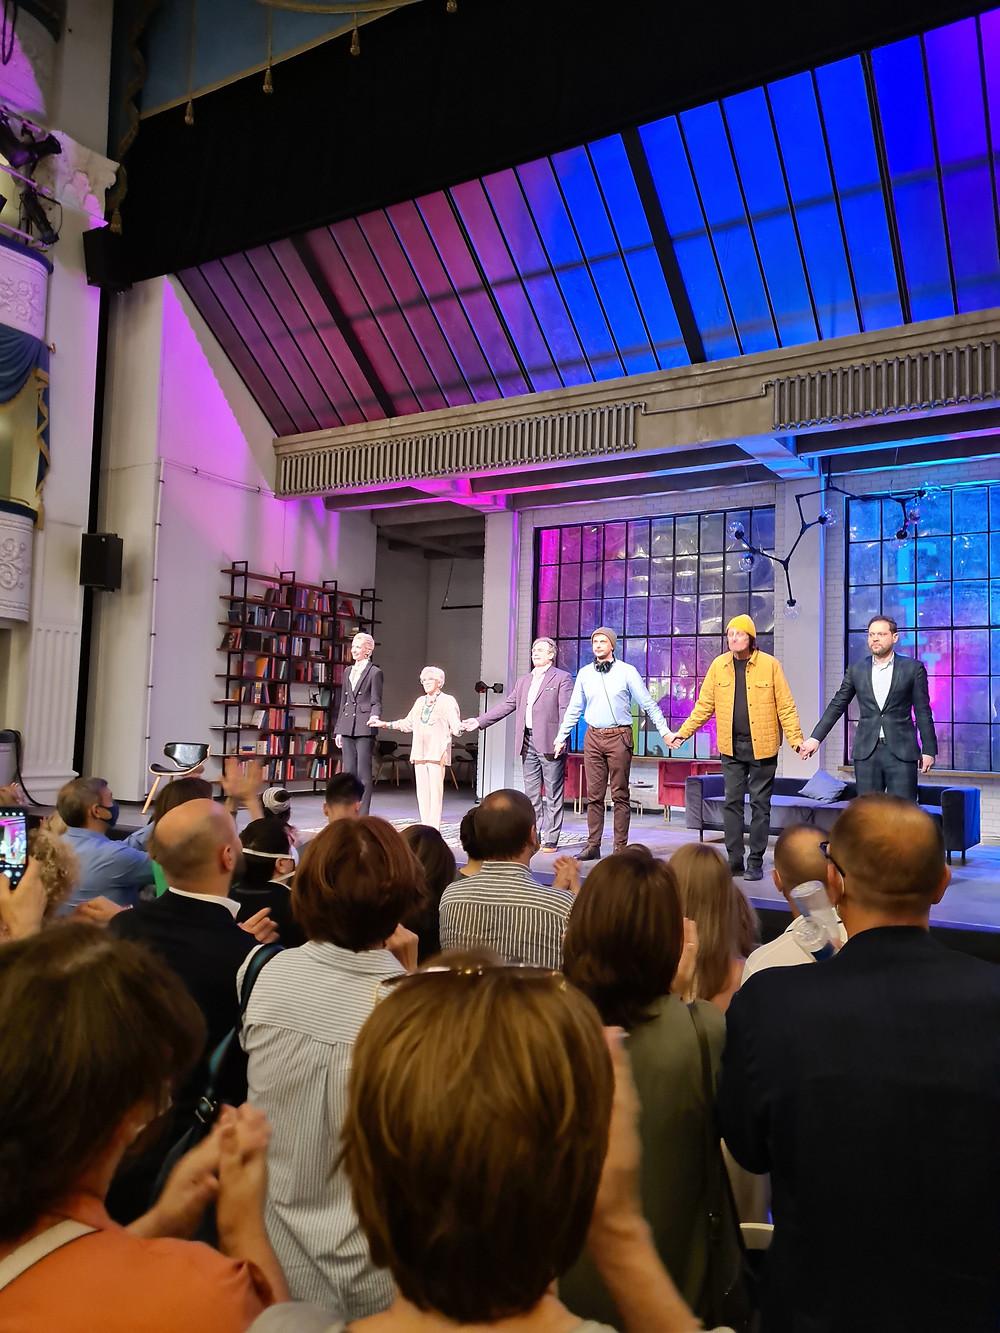 Овации актёрам после спектакля «Волнение». Алиса Фрейндлих вторая слева. 17.06.2021